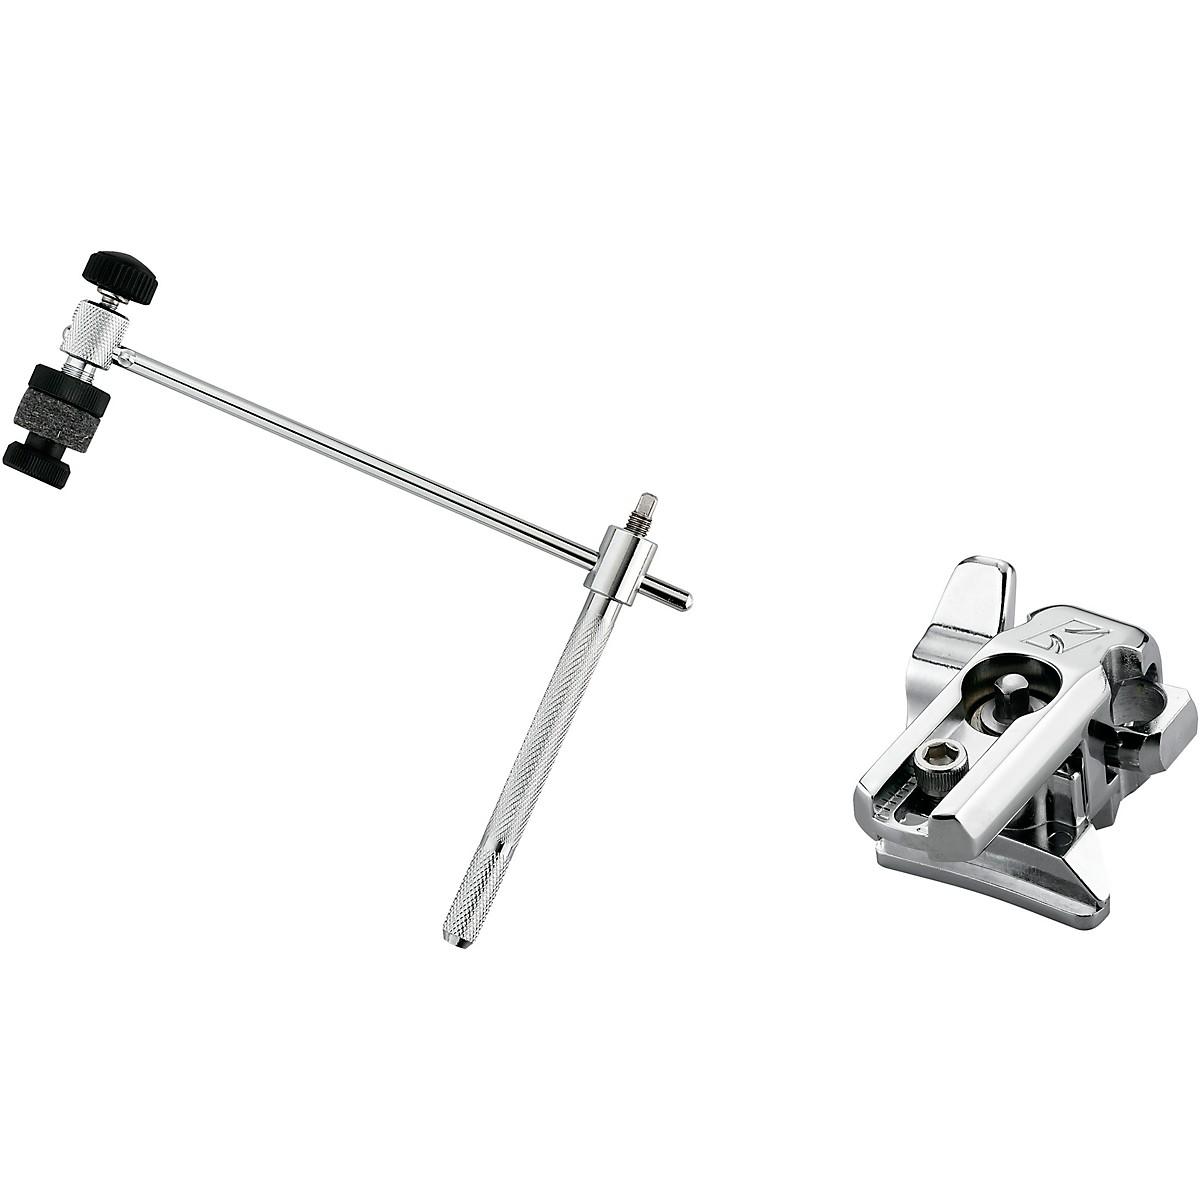 TAMA Accessory Mount Arm and Hoop Grip Bundle Package